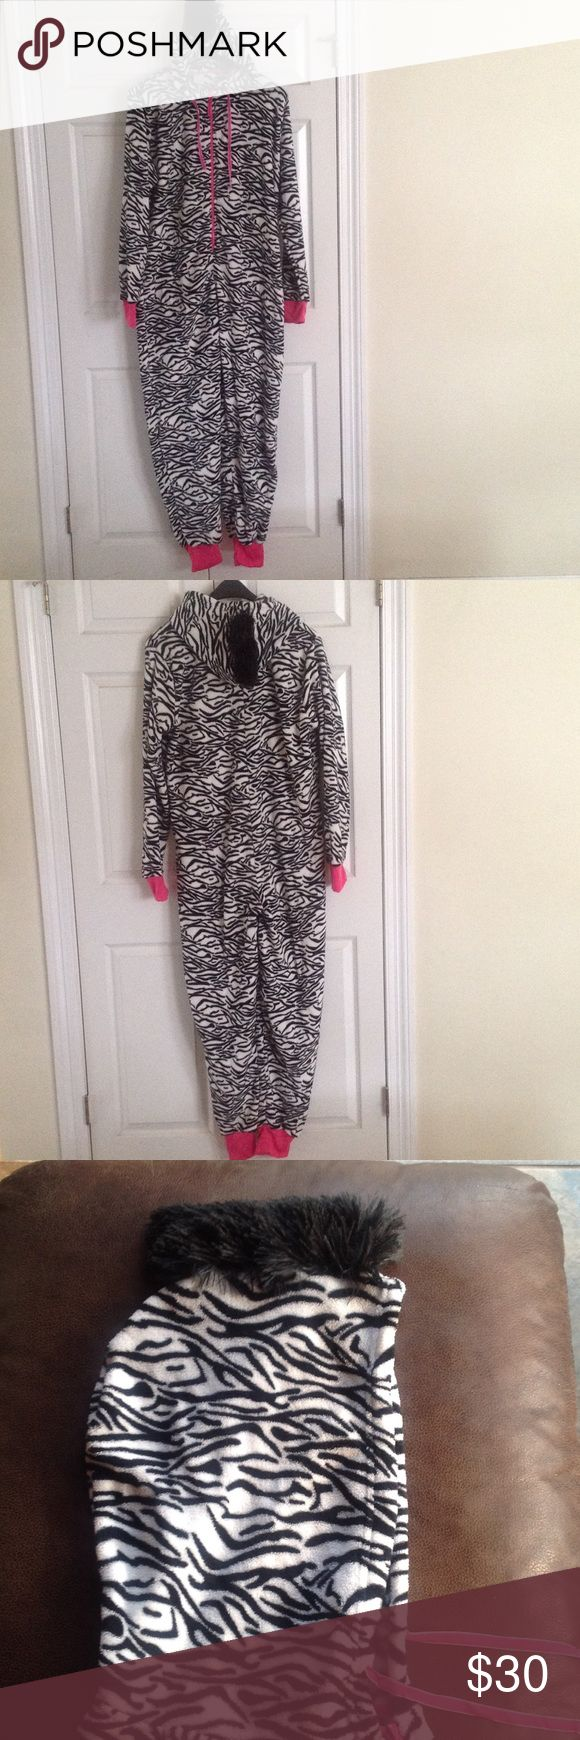 plus size dress 3x onesie